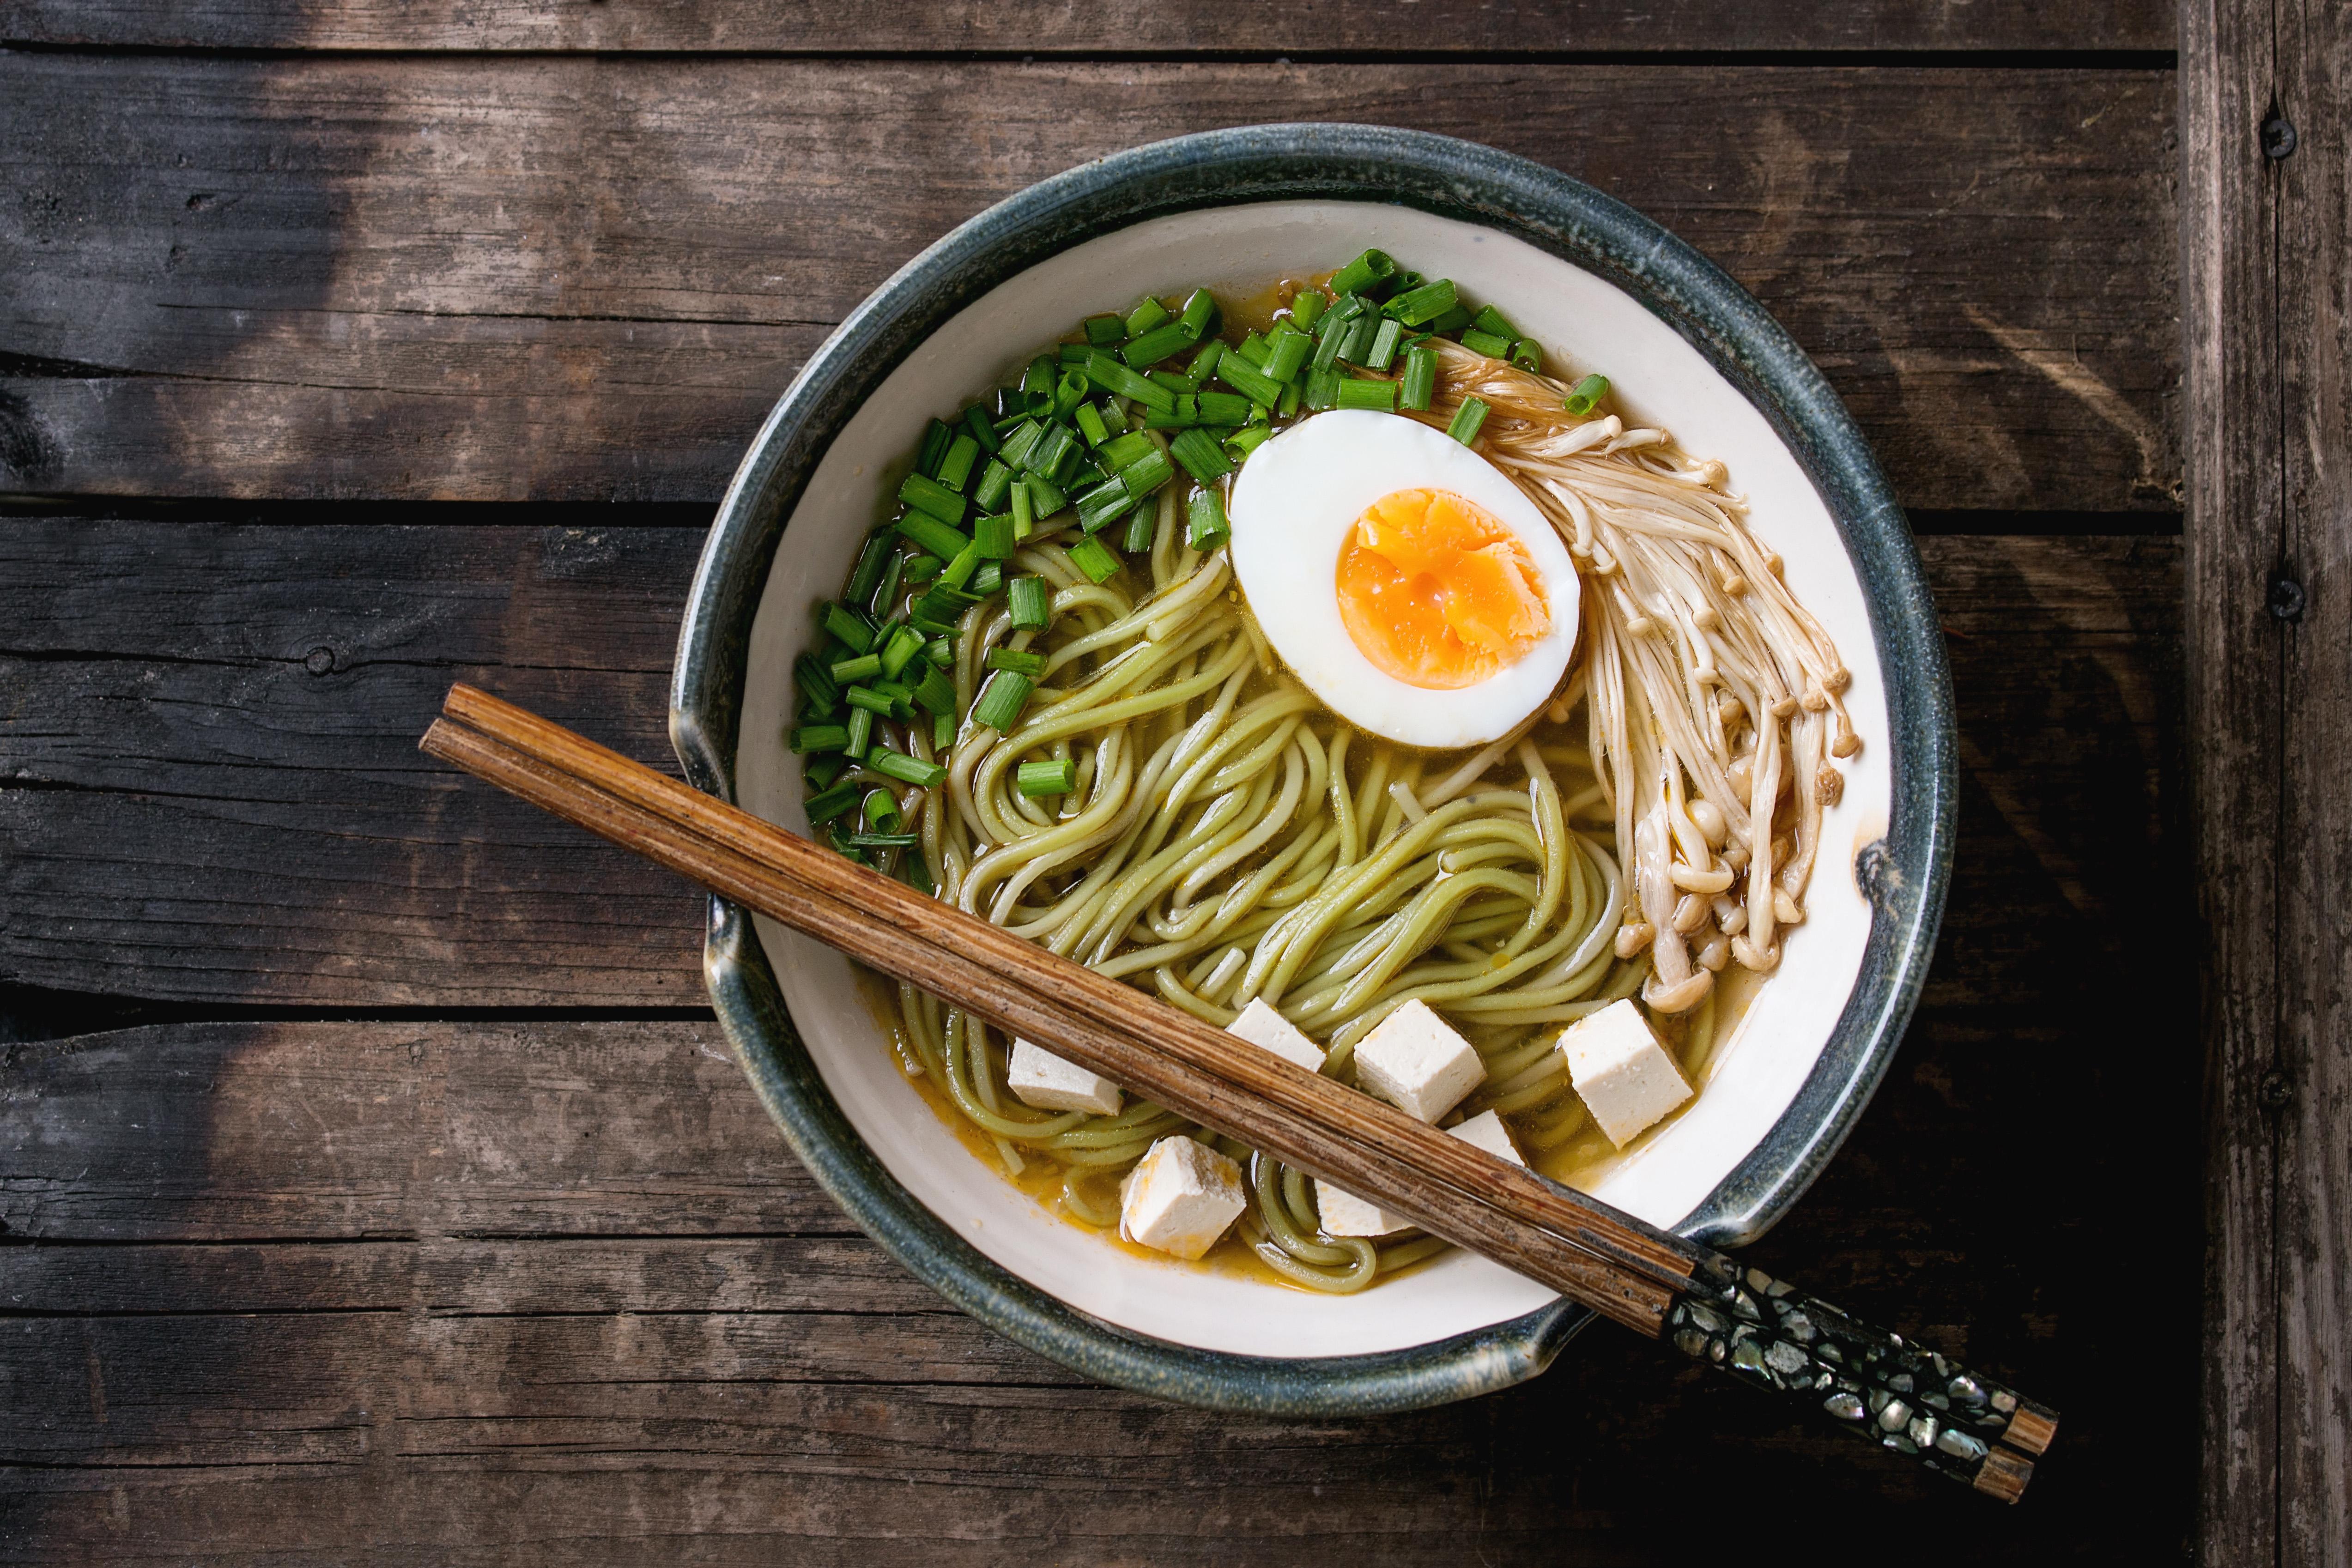 陶瓷碗亚洲风格的汤与绿茶荞麦面,鸡蛋,蘑菇,葱和豆腐奶酪,用筷子在旧的木制背景上。俯视图,复制空间